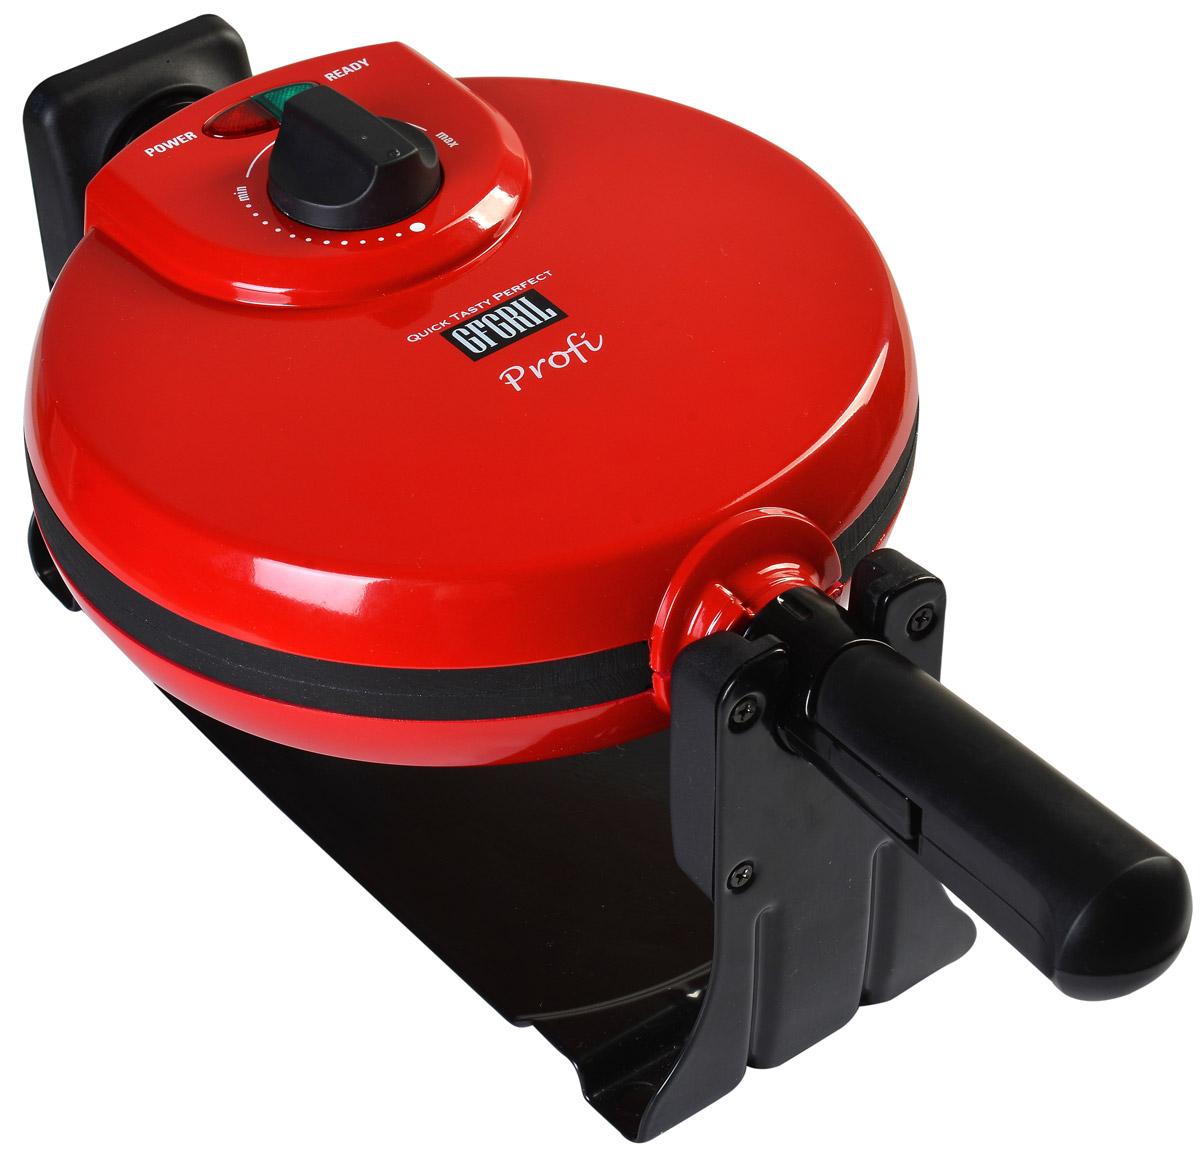 GFgril GF-020 Waffle Pro вафельницаGF-020 WAFFLE PROЭлектровафельницаИспользуя электровафельницу GF-020 Waffle Pro, можно легко и быстро приготовить какую-нибудь «вкусняшку» на завтрак или просто в нужный момент. Рабочая температура вафельницы настраивается вручную, с помощью специальной ручки на верхней крышке. Вам больше нравятся коричневые хрустящие корочки? А может быть светло-золотистые? Вафельница позволит реализовать любое ваше пожелание по части вафель в самый короткий срок. Оборудование оснащено встроенным таймером, благодаря чему вам не нужно неотрывно стоять над каждой порцией, а контрольная лампа просигнализирует, когда вафля будет готова.Особенности конструкции вафельницыGF-020 Waffle Pro работает с высоким уровнем мощности, из-за чего вафли пекутся практически мгновенно. Дополнительное удобство состоит также в том, что производителем предусмотрено по умолчанию разрезание готовой вафли на четыре равные части.Формы для выпечки, а также крышка оборудования изготовлены из прочным материалов. Они достаточно толстые, чтобы прогреваться равномерно и, следовательно, одинаково пропекать всю площадь вафли. Для корпуса использовали надежный и долговечный металл, который обладает повышенной стойкостью к внешним факторам. Как получить вафли равномерно тонкими?Данная модель вафельницы оснащена поворотным механизмом, поэтому вафли из сырого теста формируются равномерно, принимая красивую форму выпечки. Это, бесспорно, можно считать преимуществом, так как многие модели подобного оборудования такой функцией не обладают. Это работает весьма просто – после закладывания теста на жарочную поверхность необходимо закрыть крышку и перевернуть корпус на 180 градусов. В это время тесто растекается внутри пространства для жарки, формируя вафлю, одинаковую по толщине и равномерно пропитанную маслом.